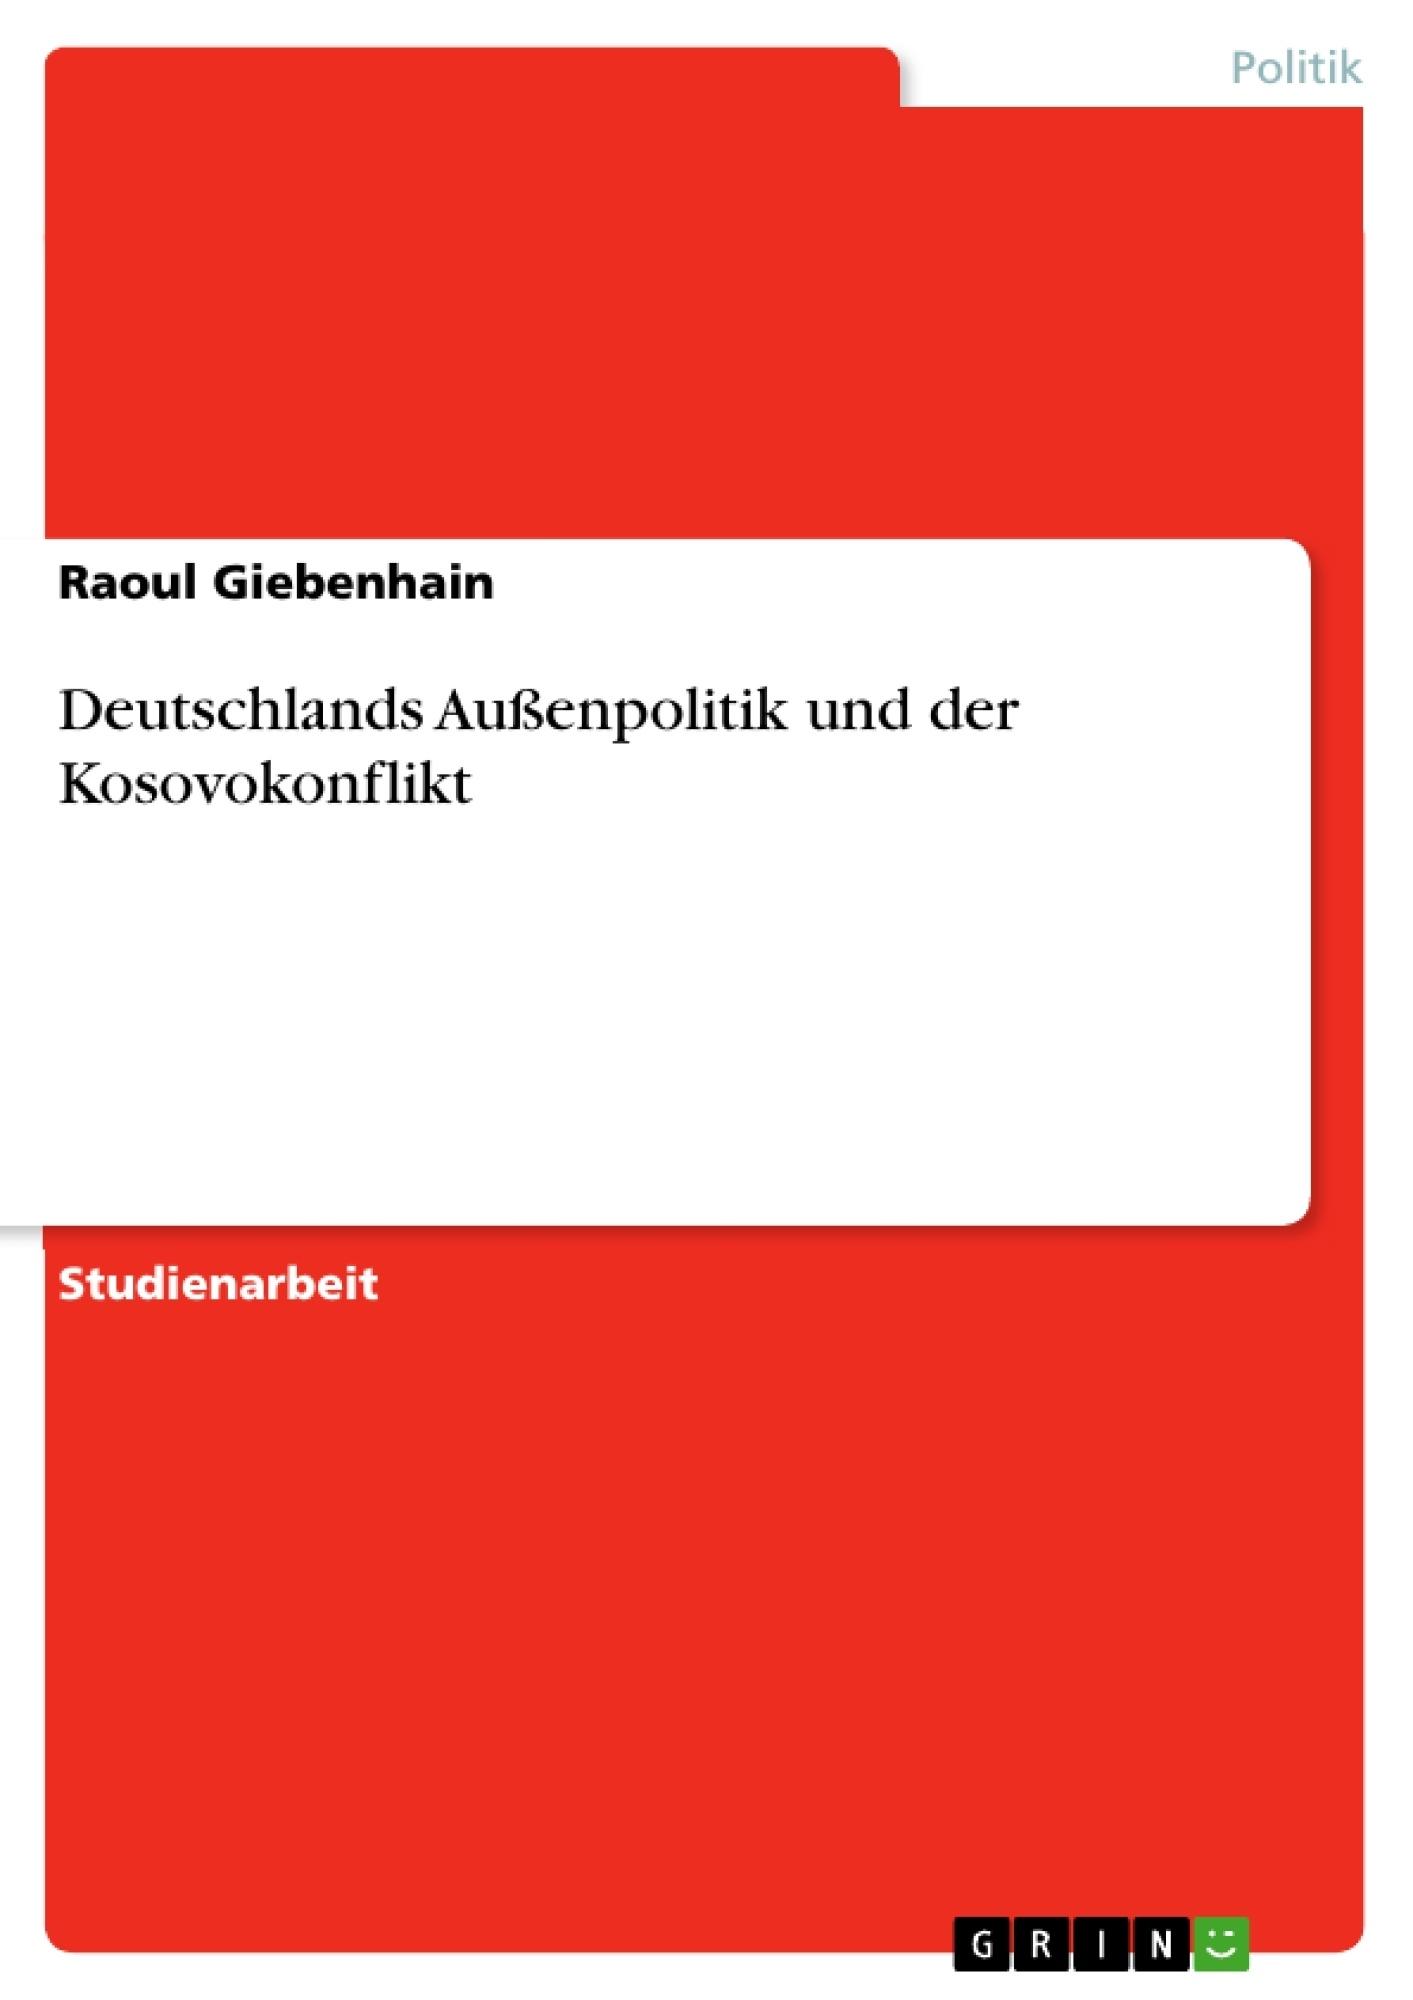 Titel: Deutschlands Außenpolitik und der Kosovokonflikt